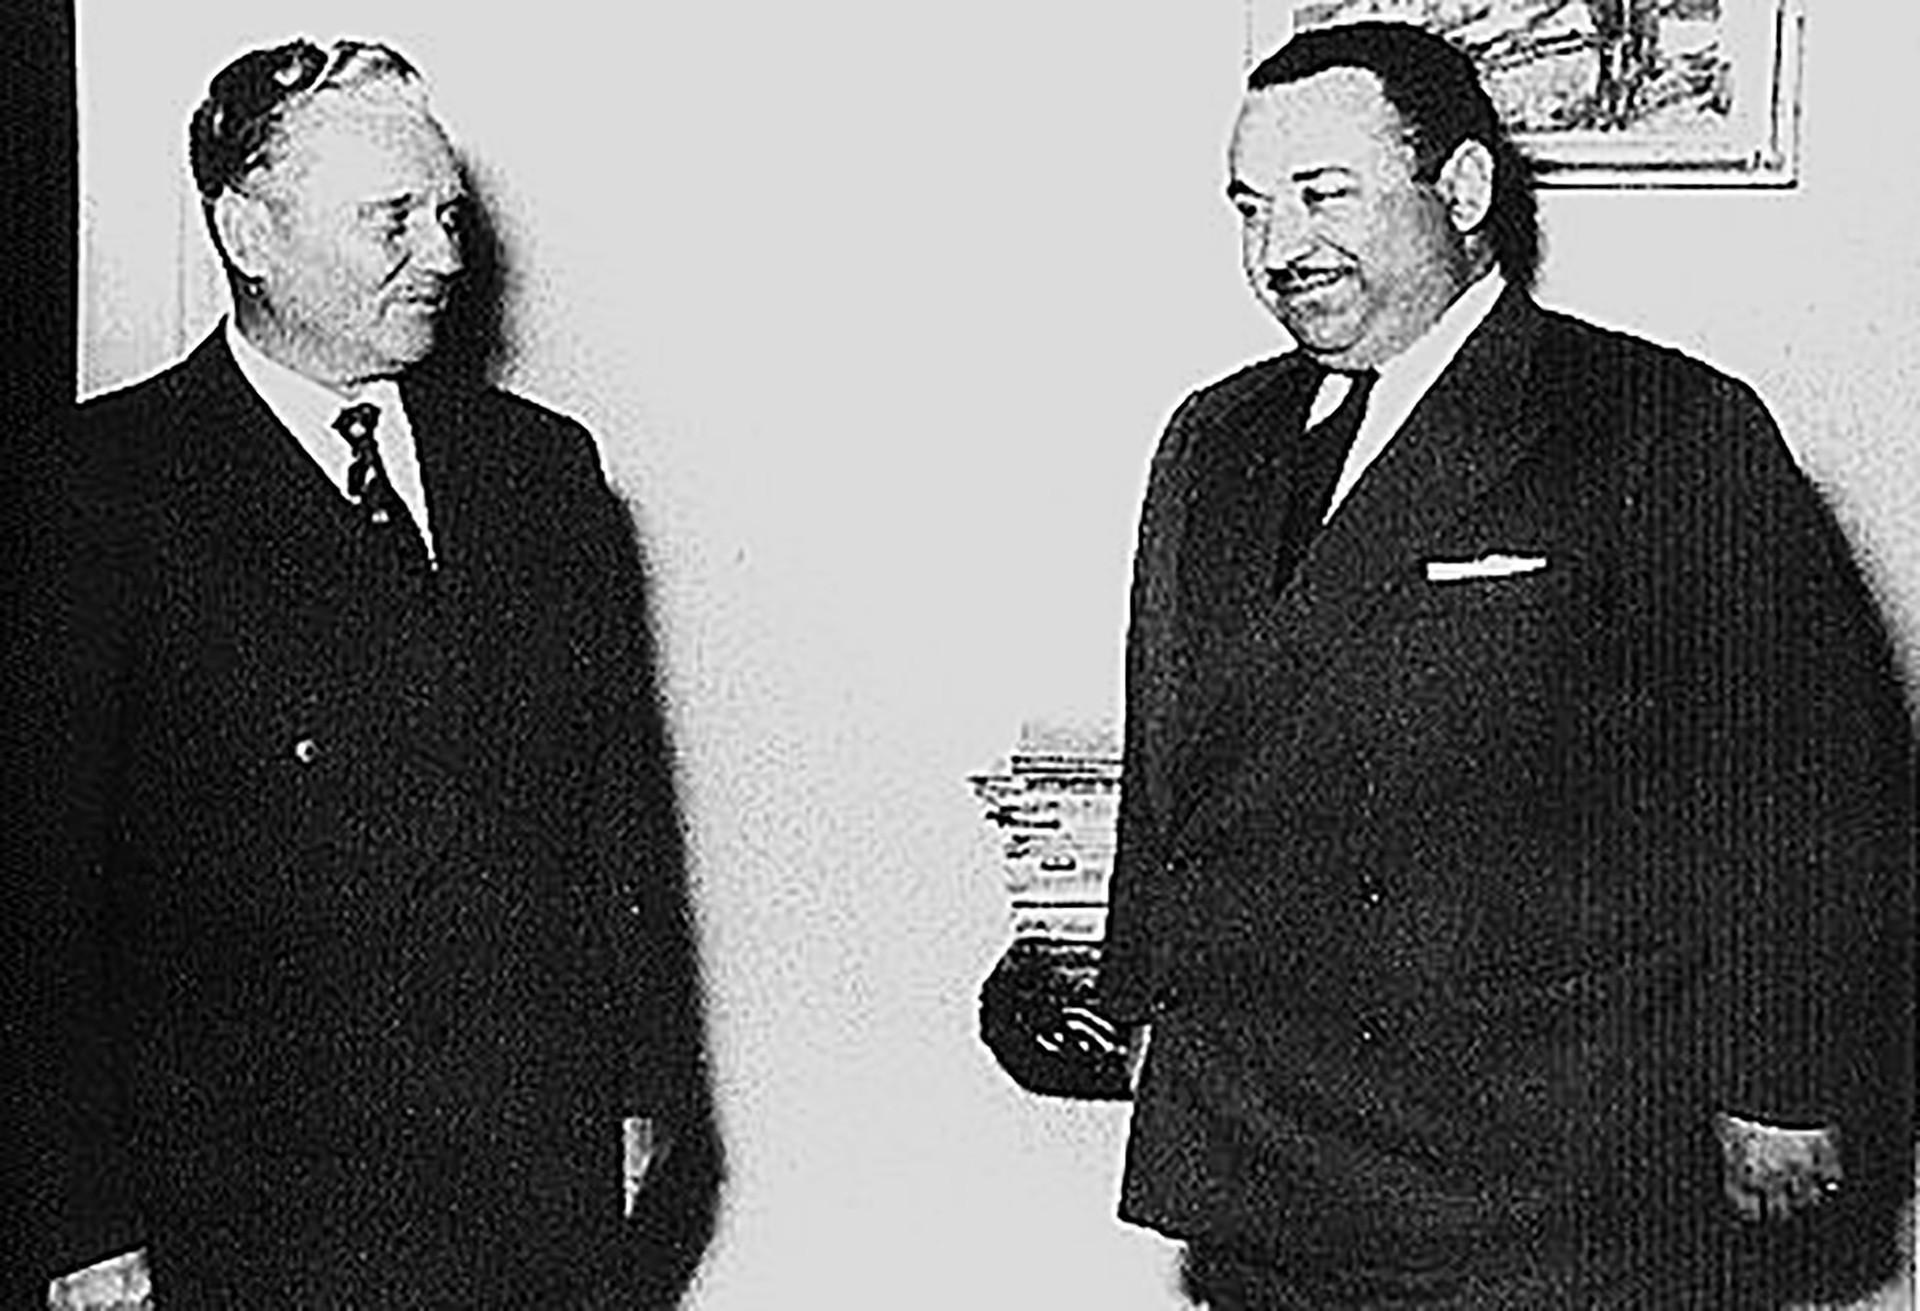 Marechal Josip Broz Tito com Grigulevitch (dir.), então sob disfarce de